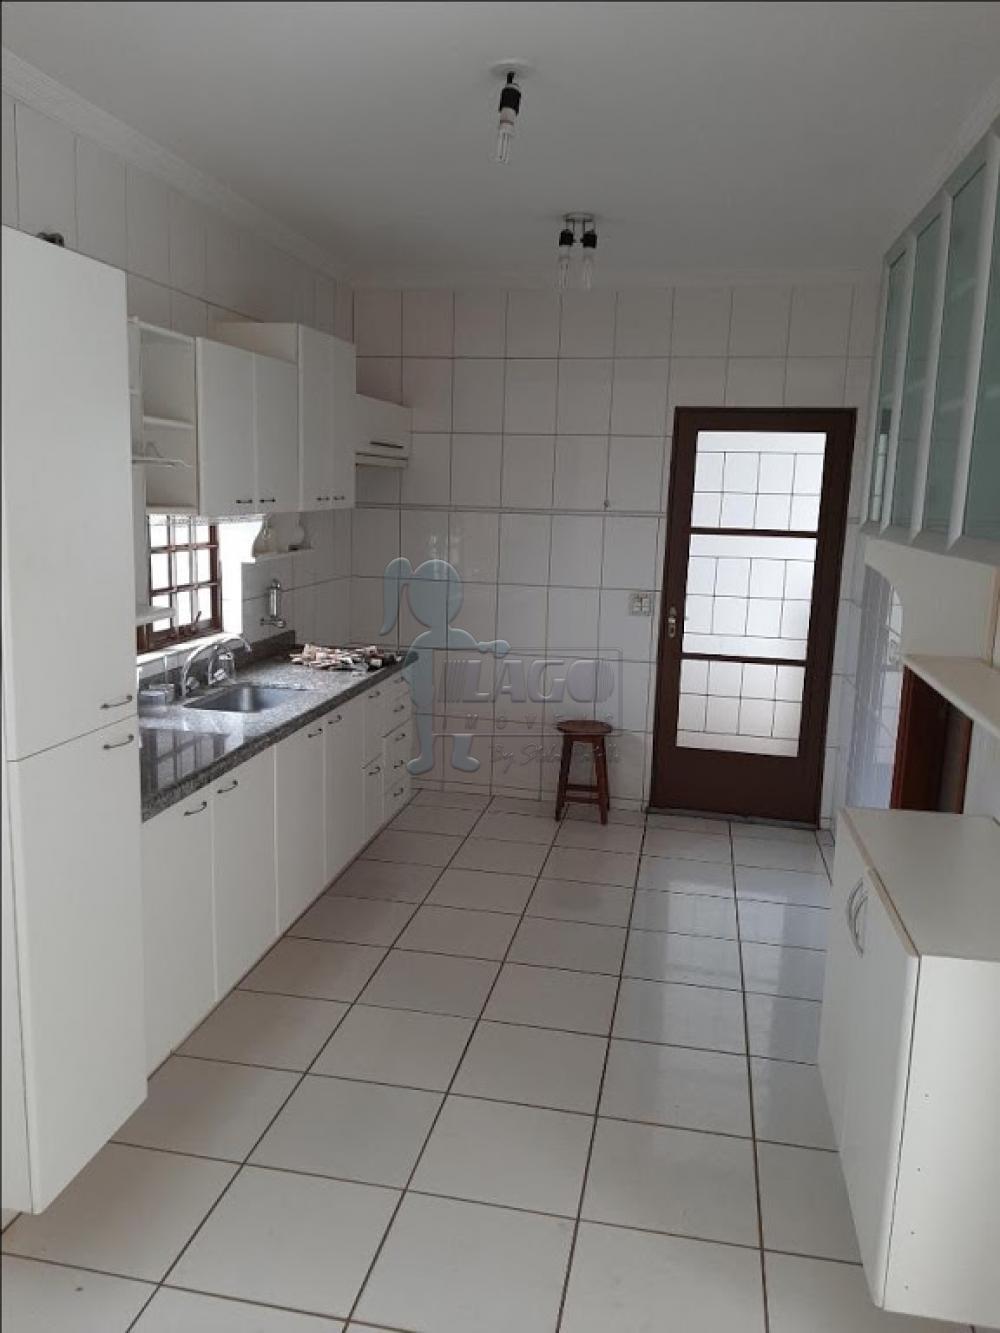 Comprar Casas / Padrão em Ribeirão Preto apenas R$ 490.000,00 - Foto 23